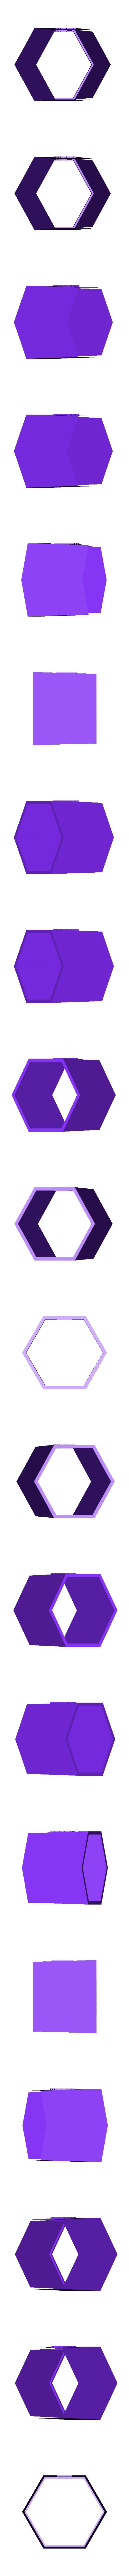 LH_hexa_body2_fixed_unten.stl Télécharger fichier STL gratuit Phare • Modèle pour impression 3D, jteix